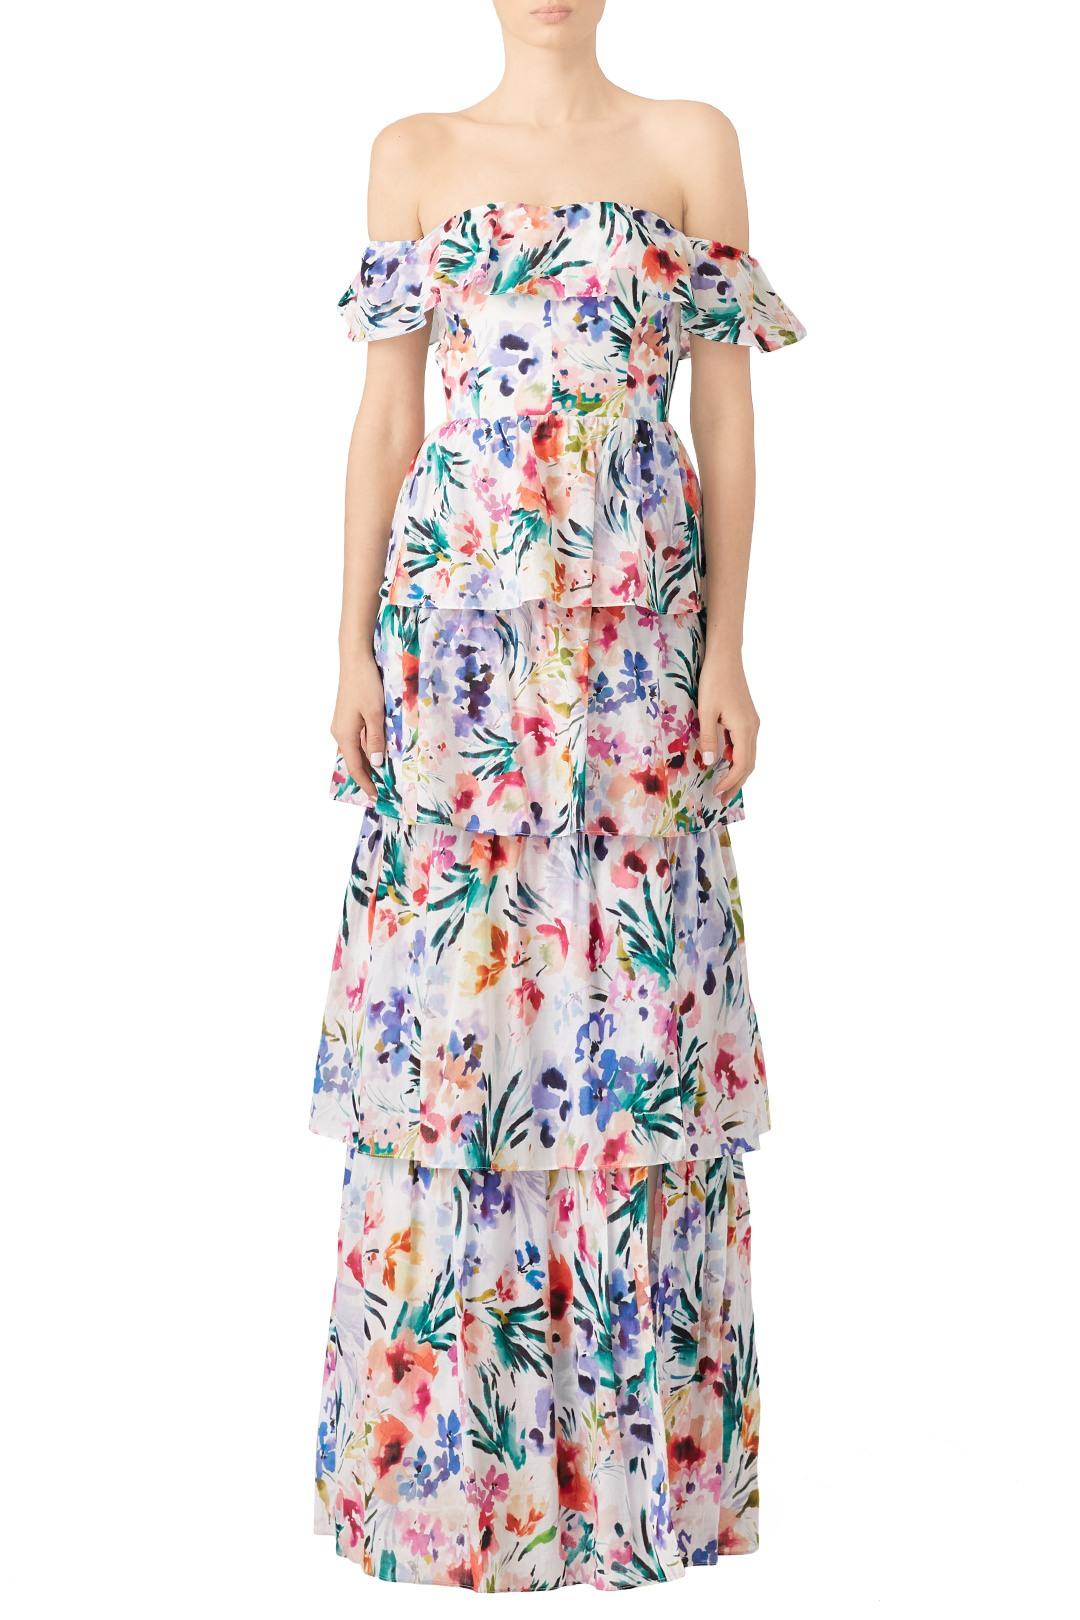 Amanda Uprichard Floral Venezia Gown - Love me an off the shoulder floral dress